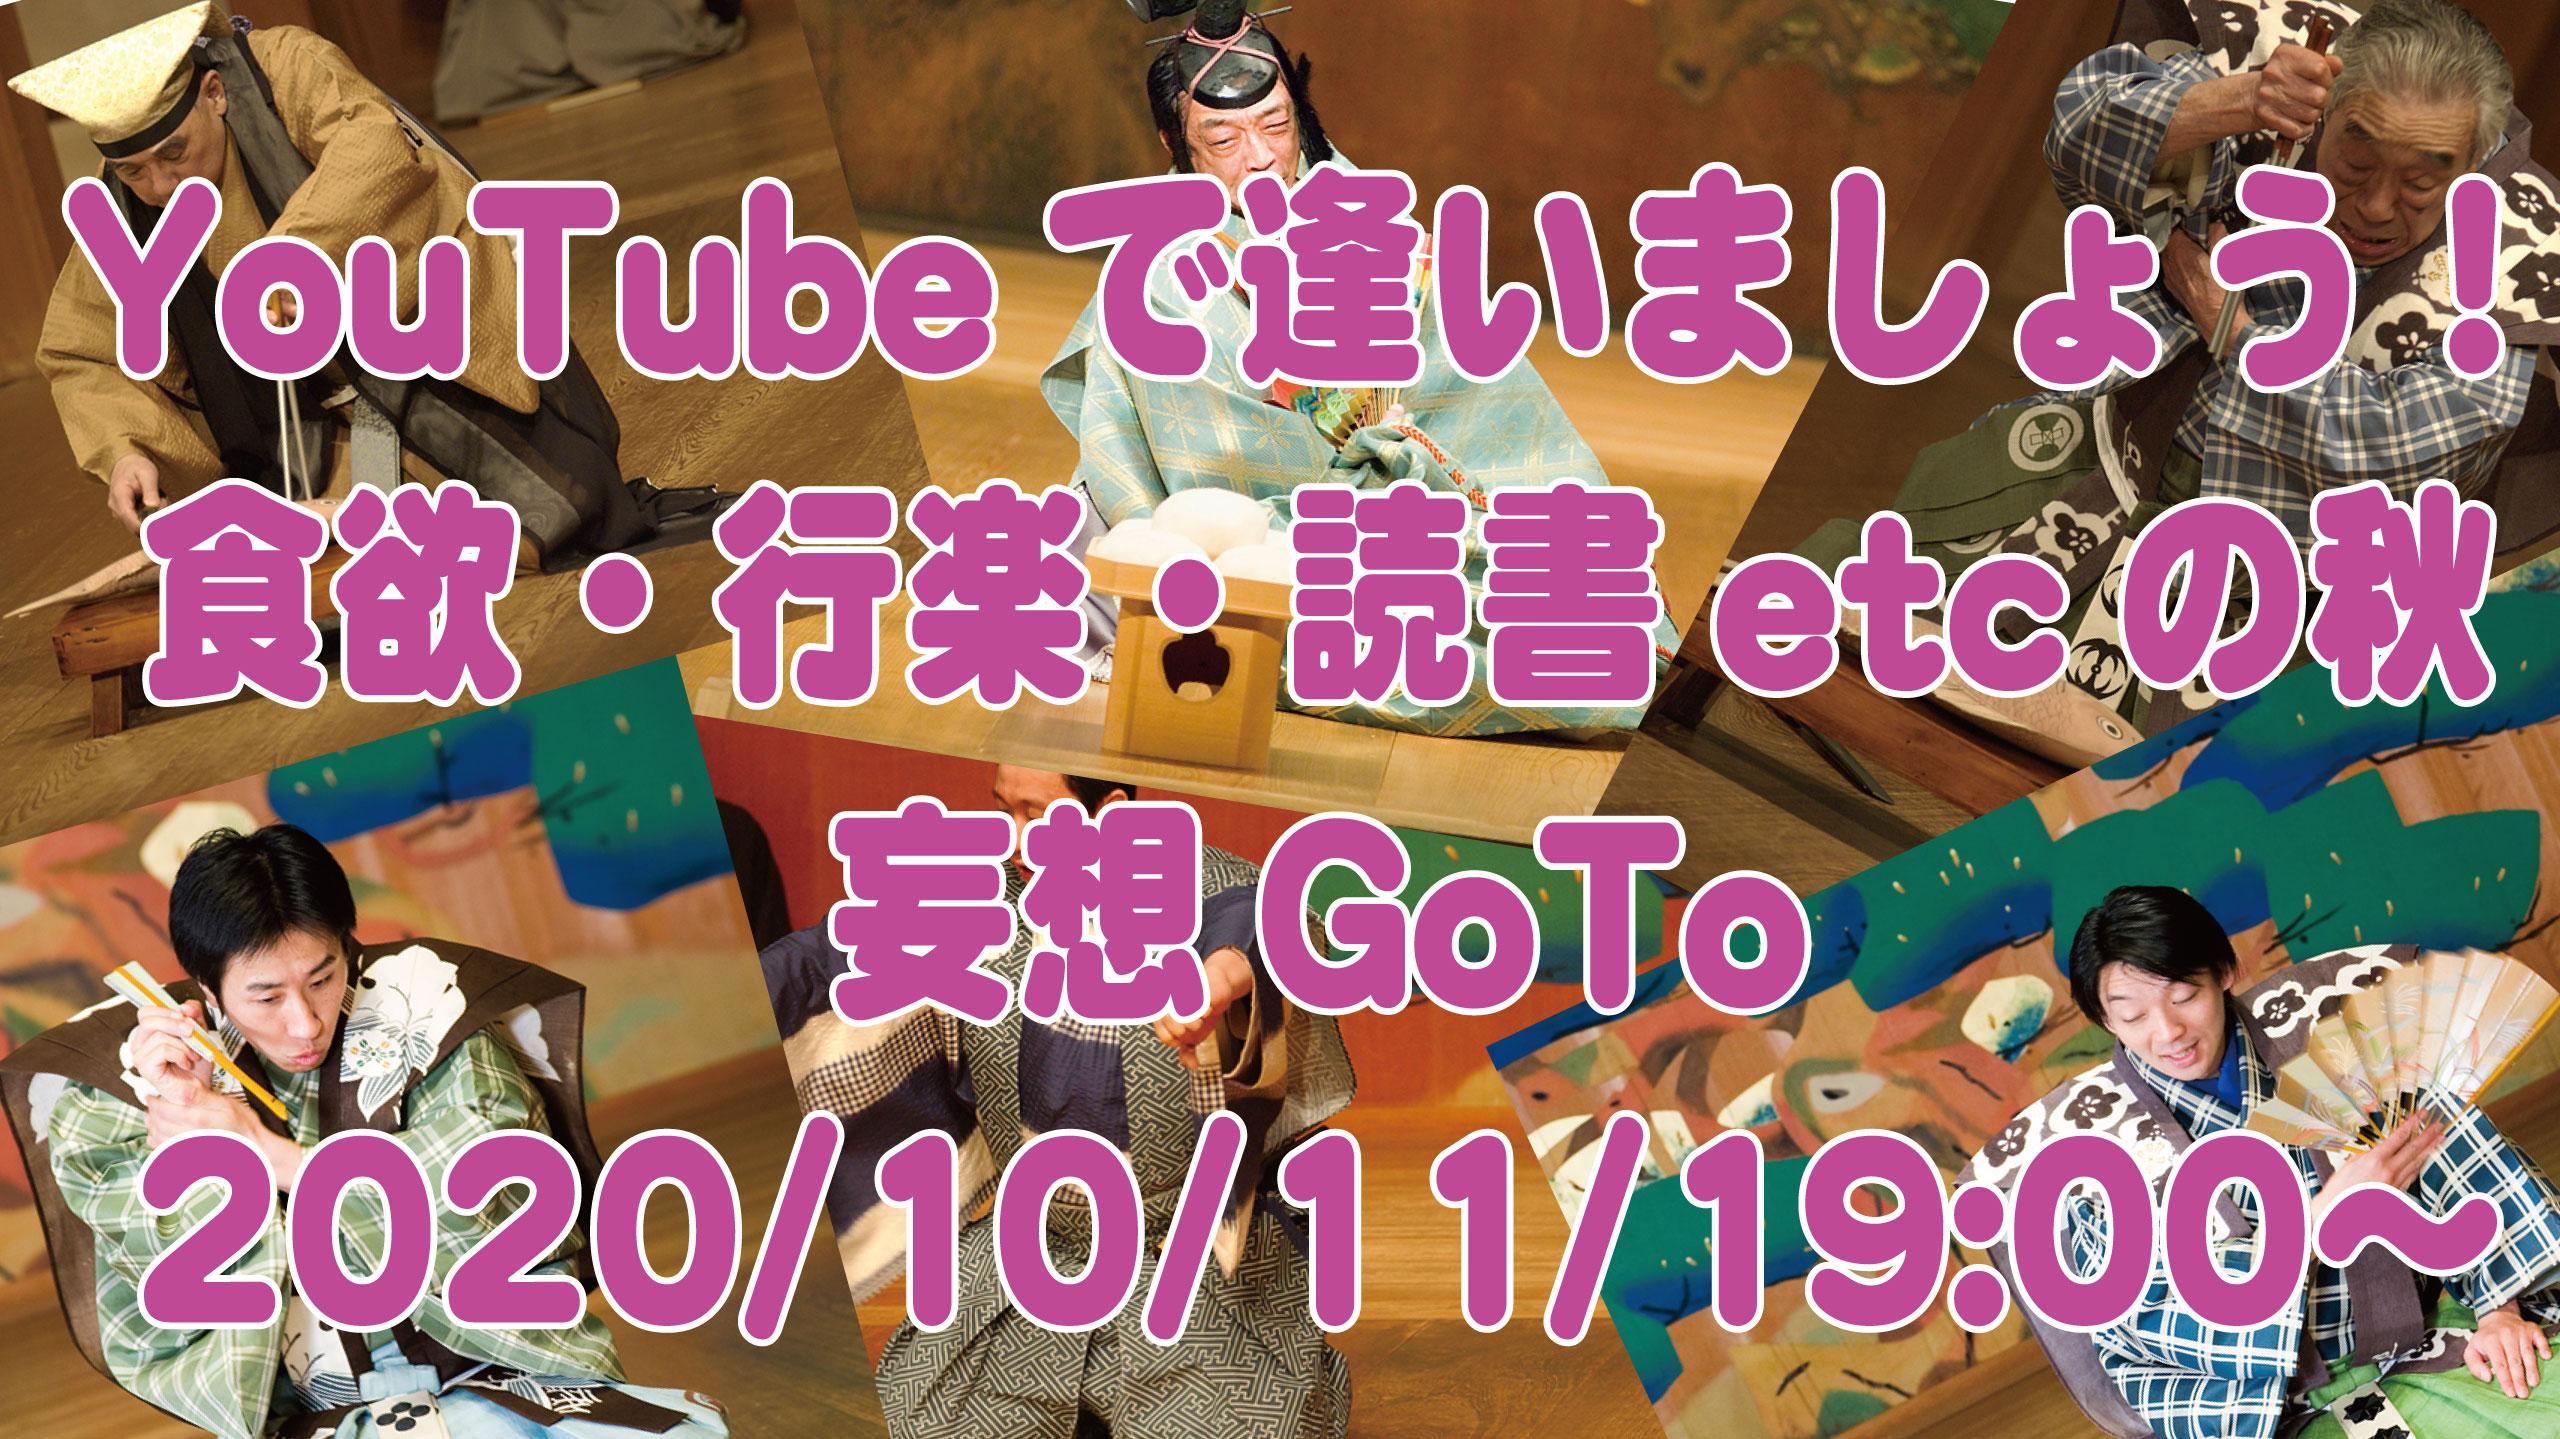 YouTubeで逢いましょう!10月11日は???